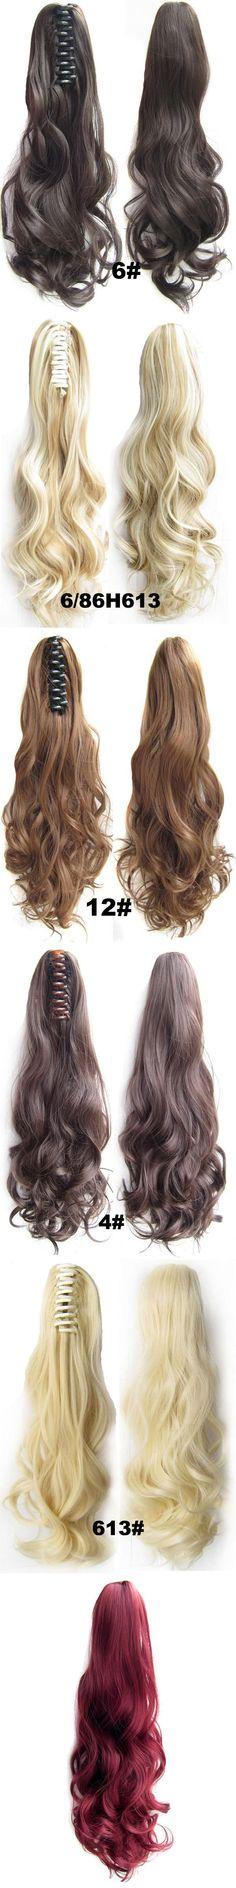 18 Clip In High Heat Kanekalon Streaks Phoenix Synthetic Hair